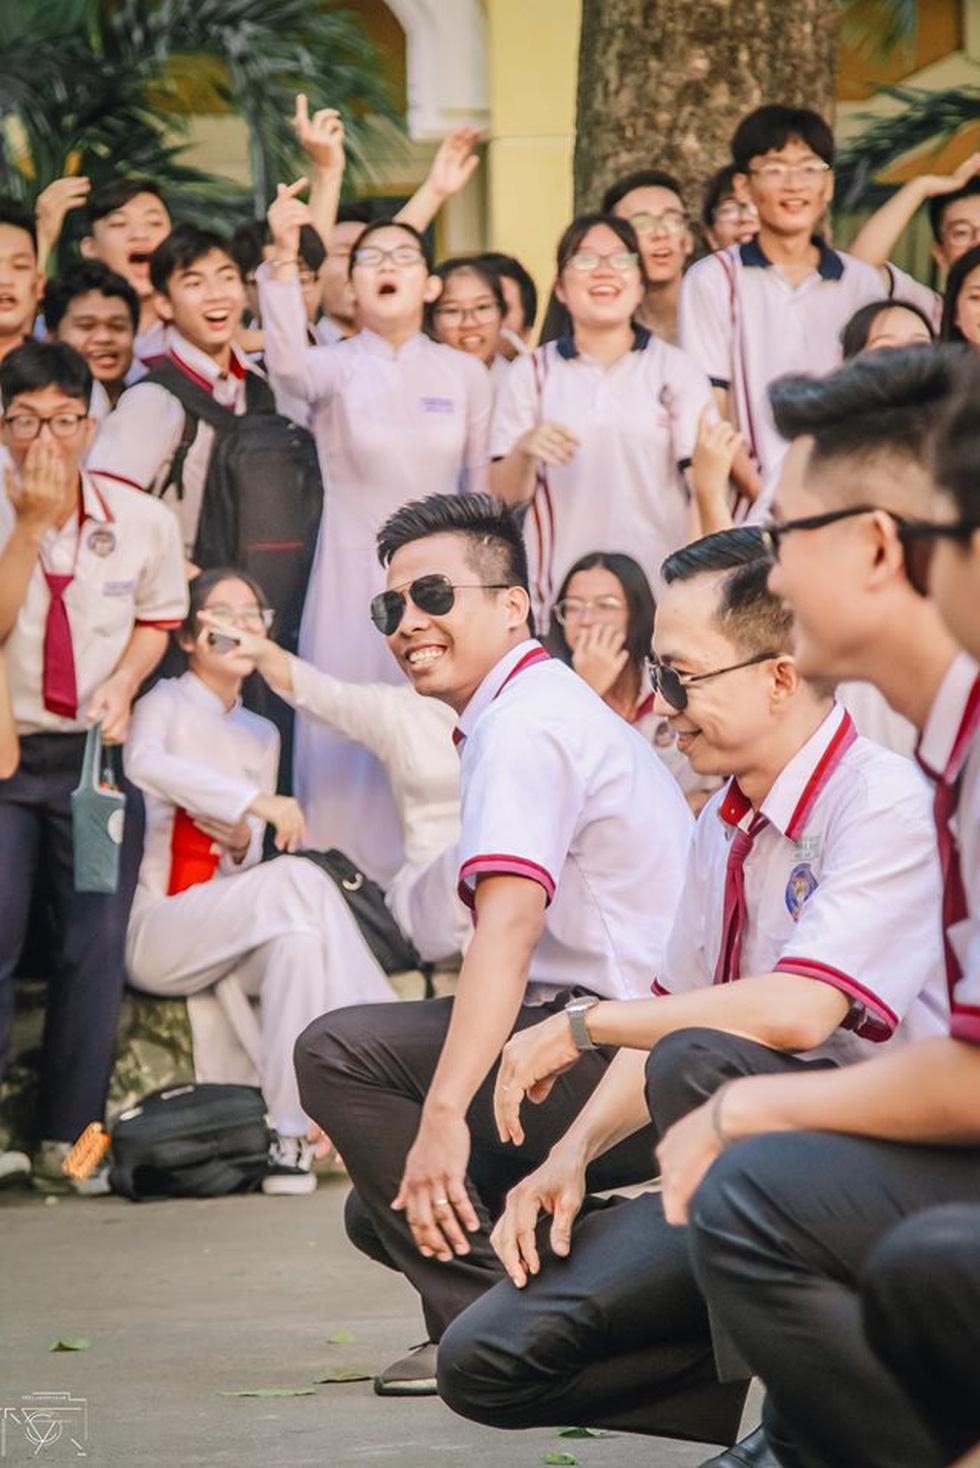 Thầy đeo kính râm, cô buộc tóc chùm nhảy flashmob khiến cả trường rần rần - Ảnh 5.